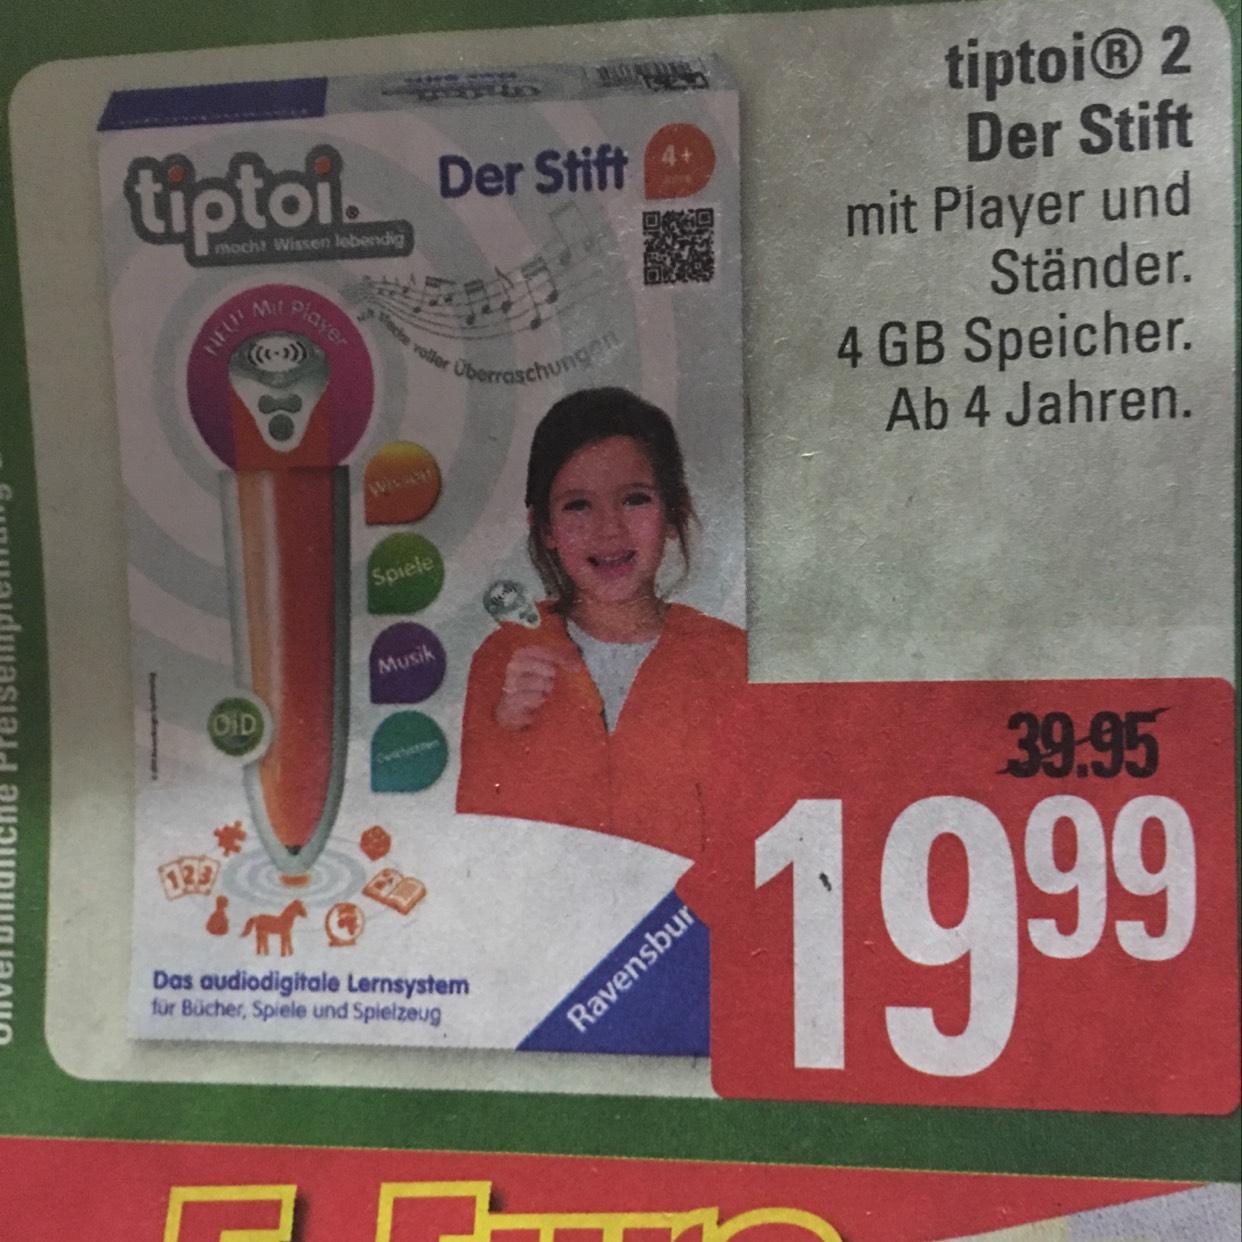 tiptoi Der Stift mit Player